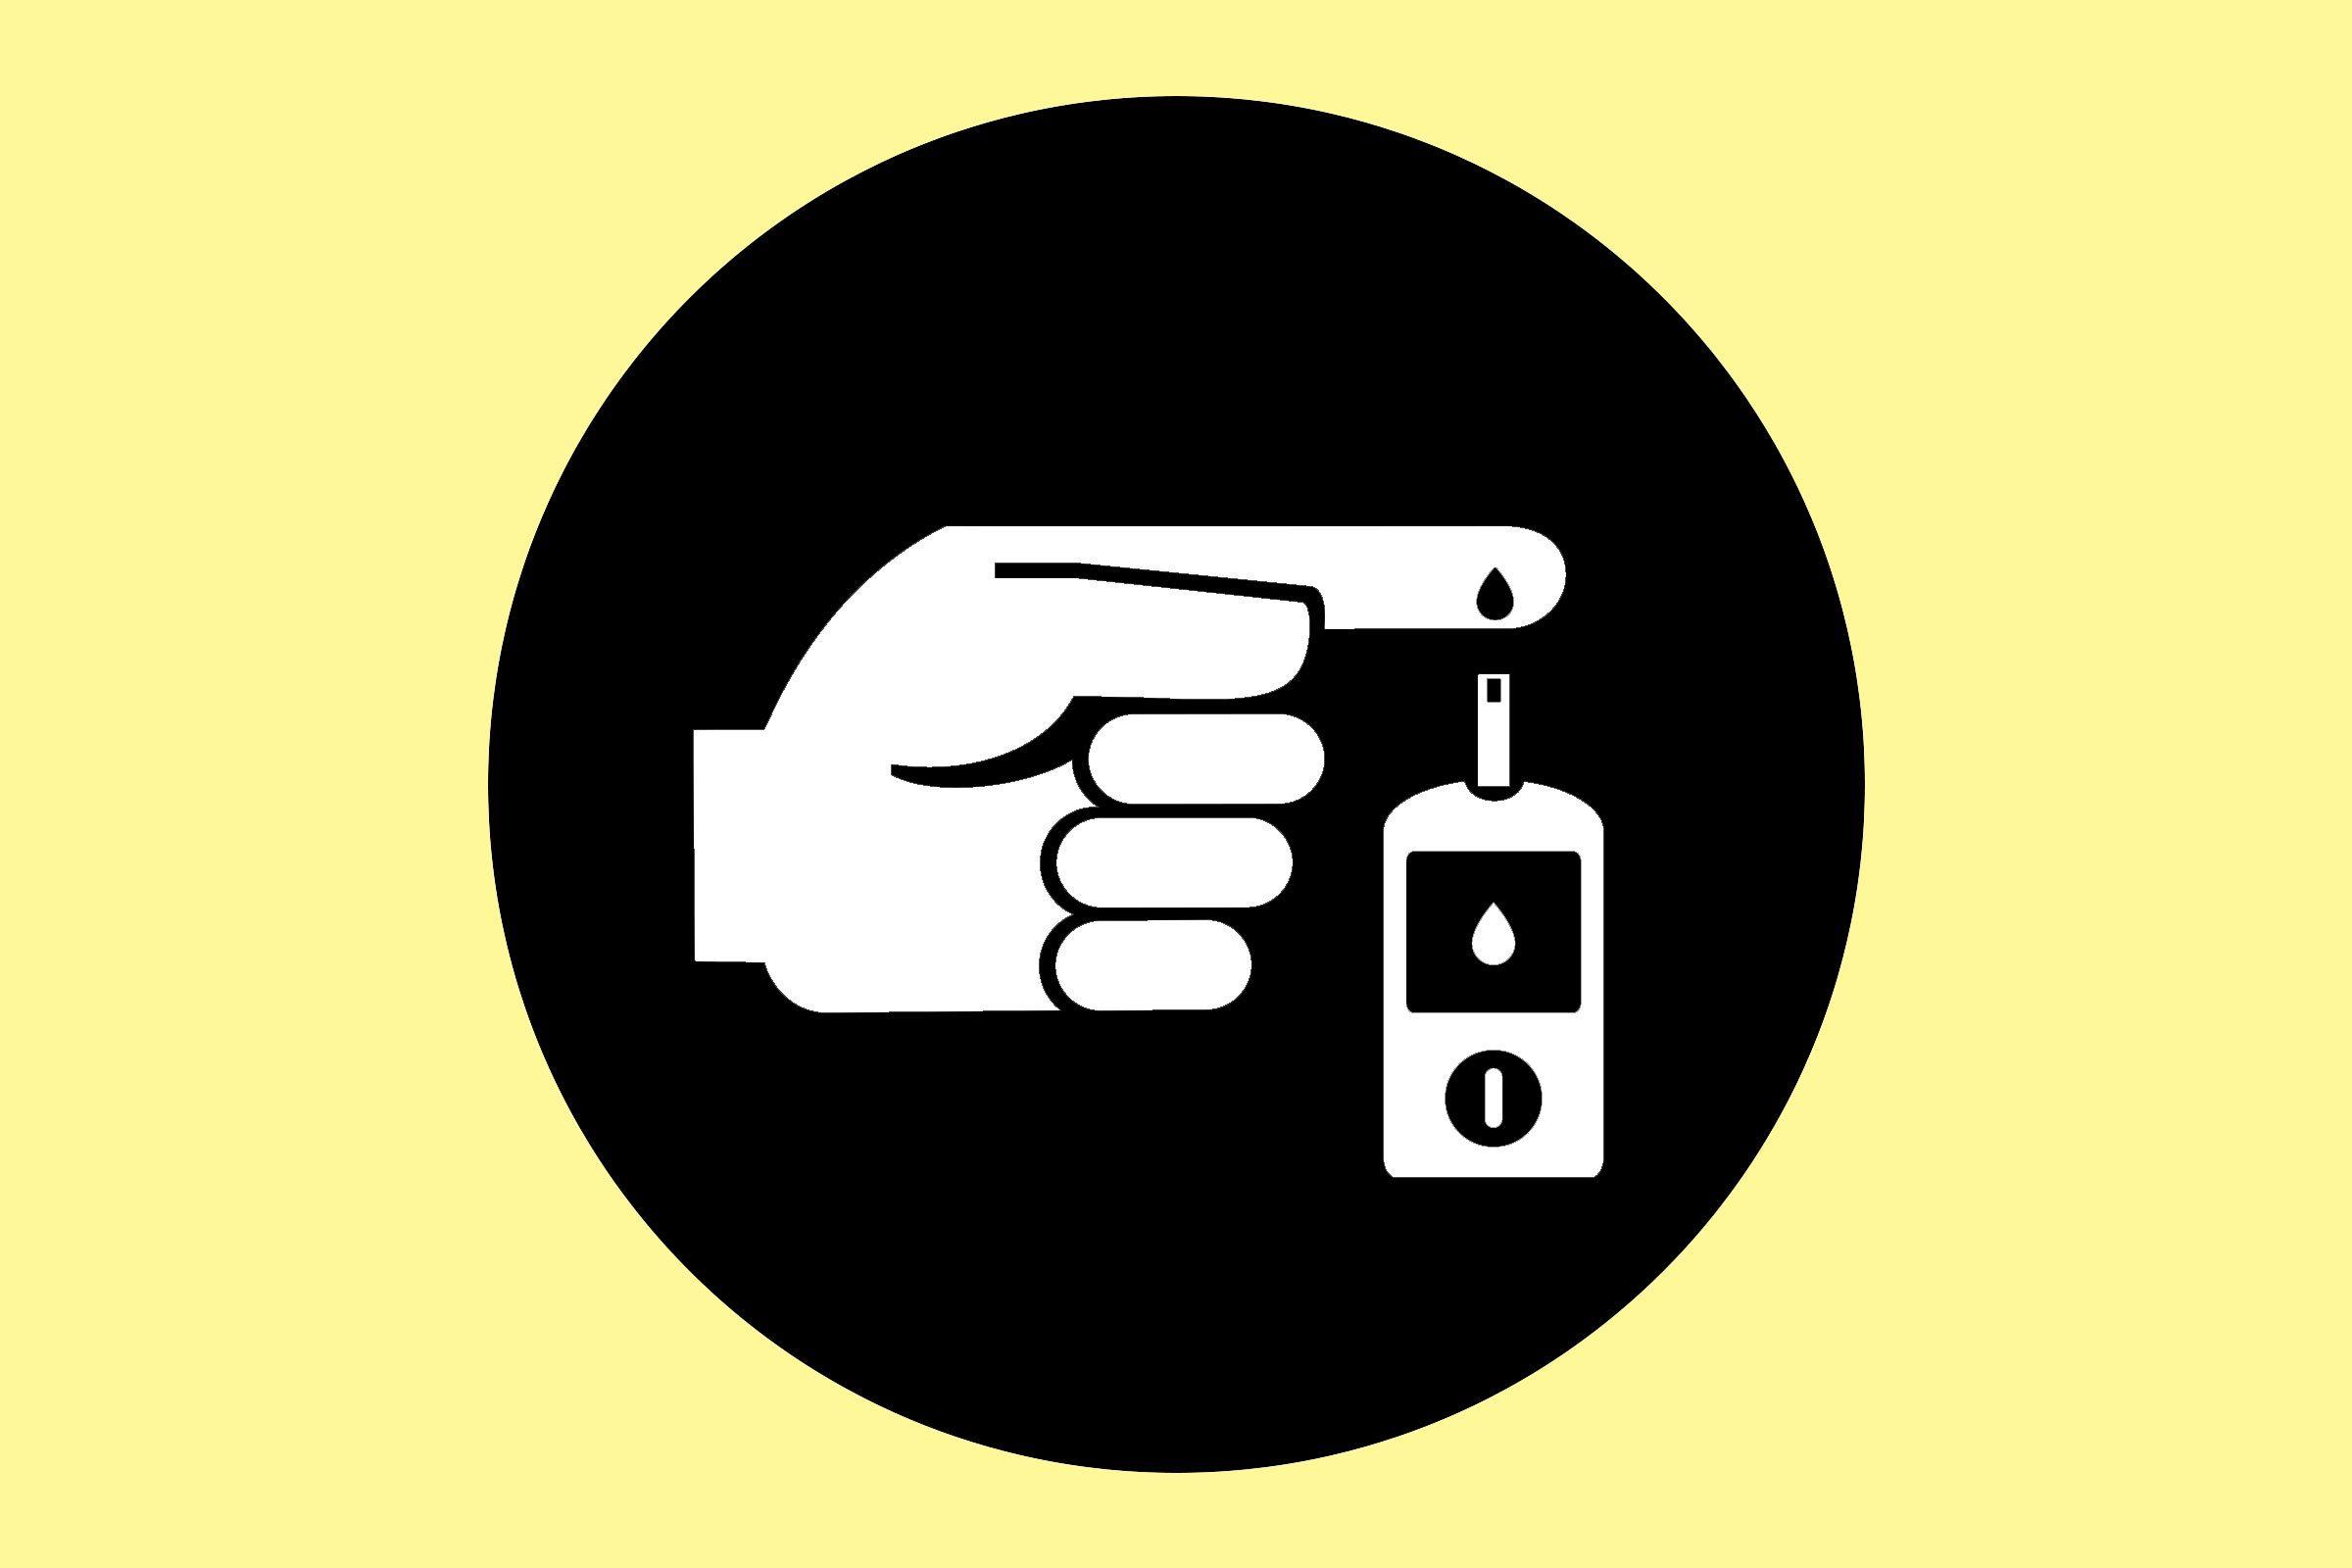 Les mictions fréquentes accompagnées d'urines abondantes sont souvent un symptôme précoce de diabète de type1 ou de type2.